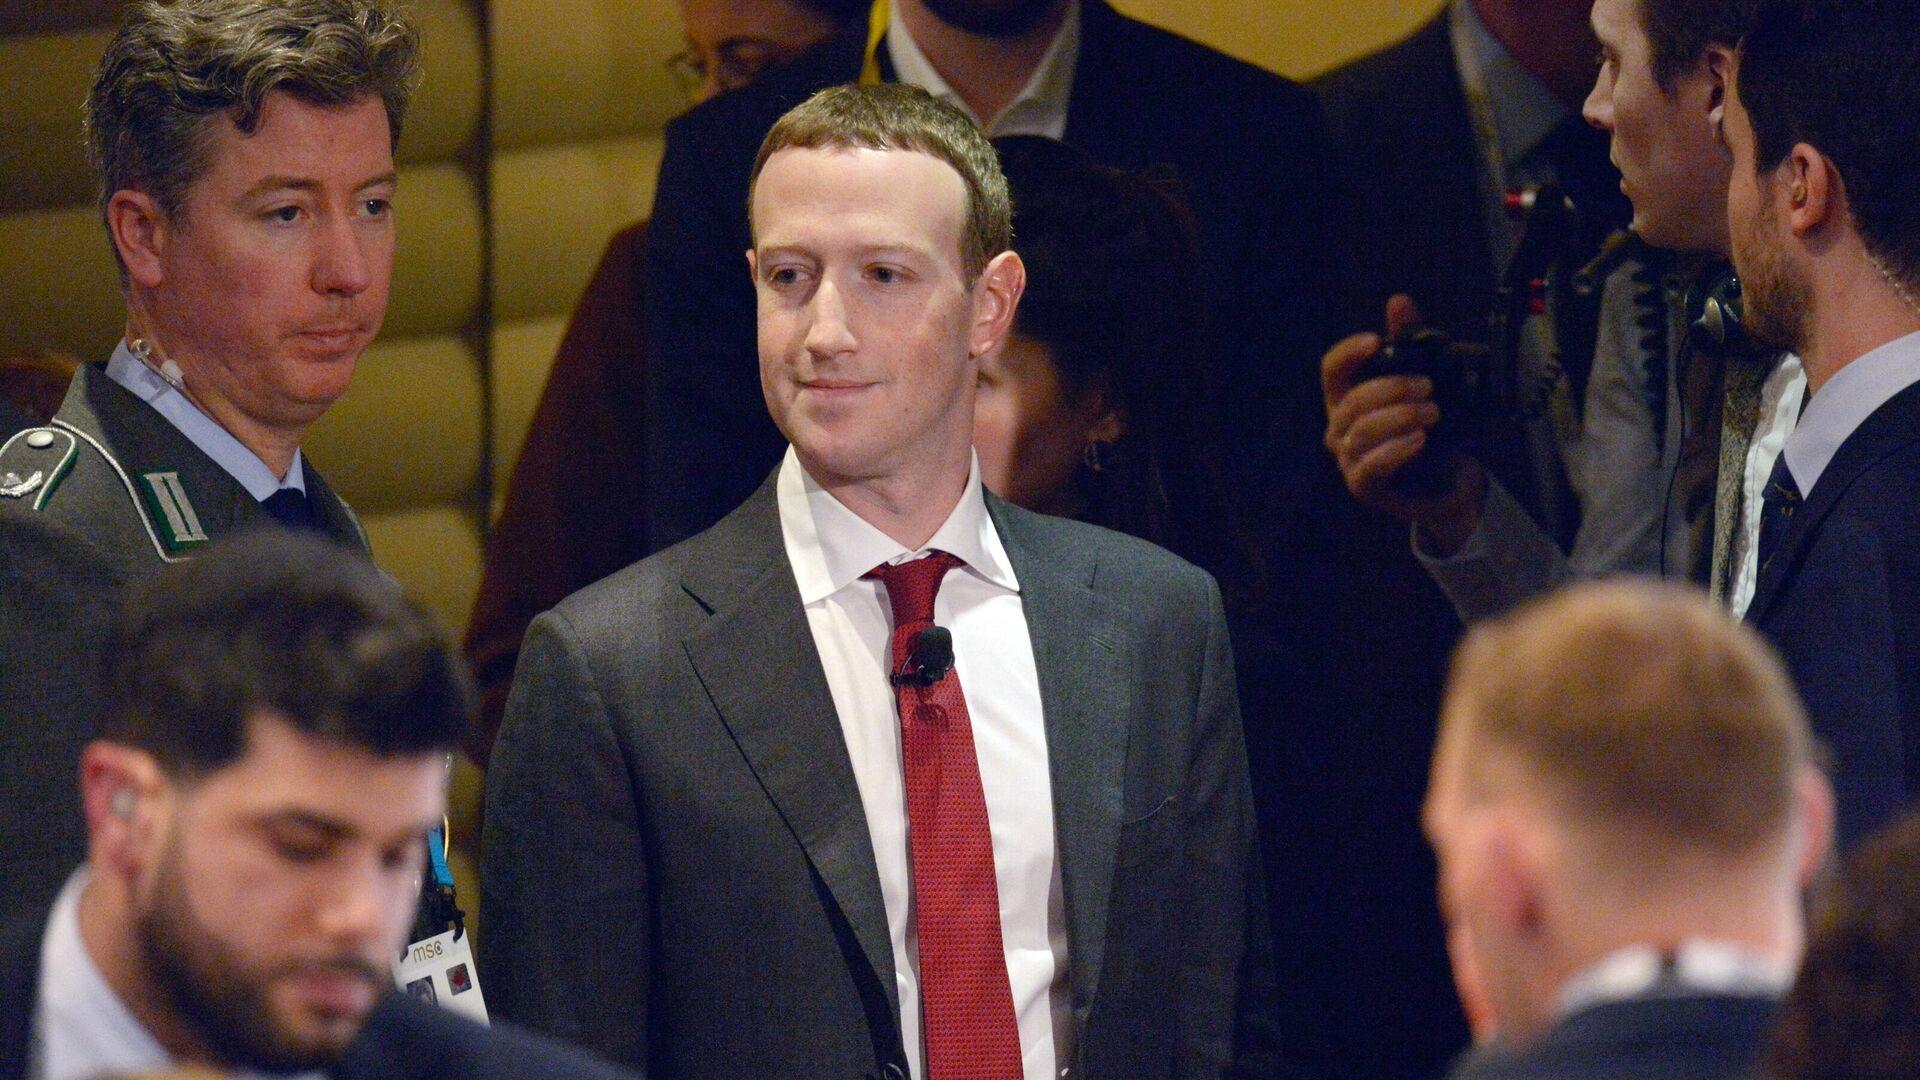 Создатель крупнейшей мировой социальной сети Facebook Марк Цукерберг на Мюнхенской конференции по безопасности - РИА Новости, 1920, 04.04.2021